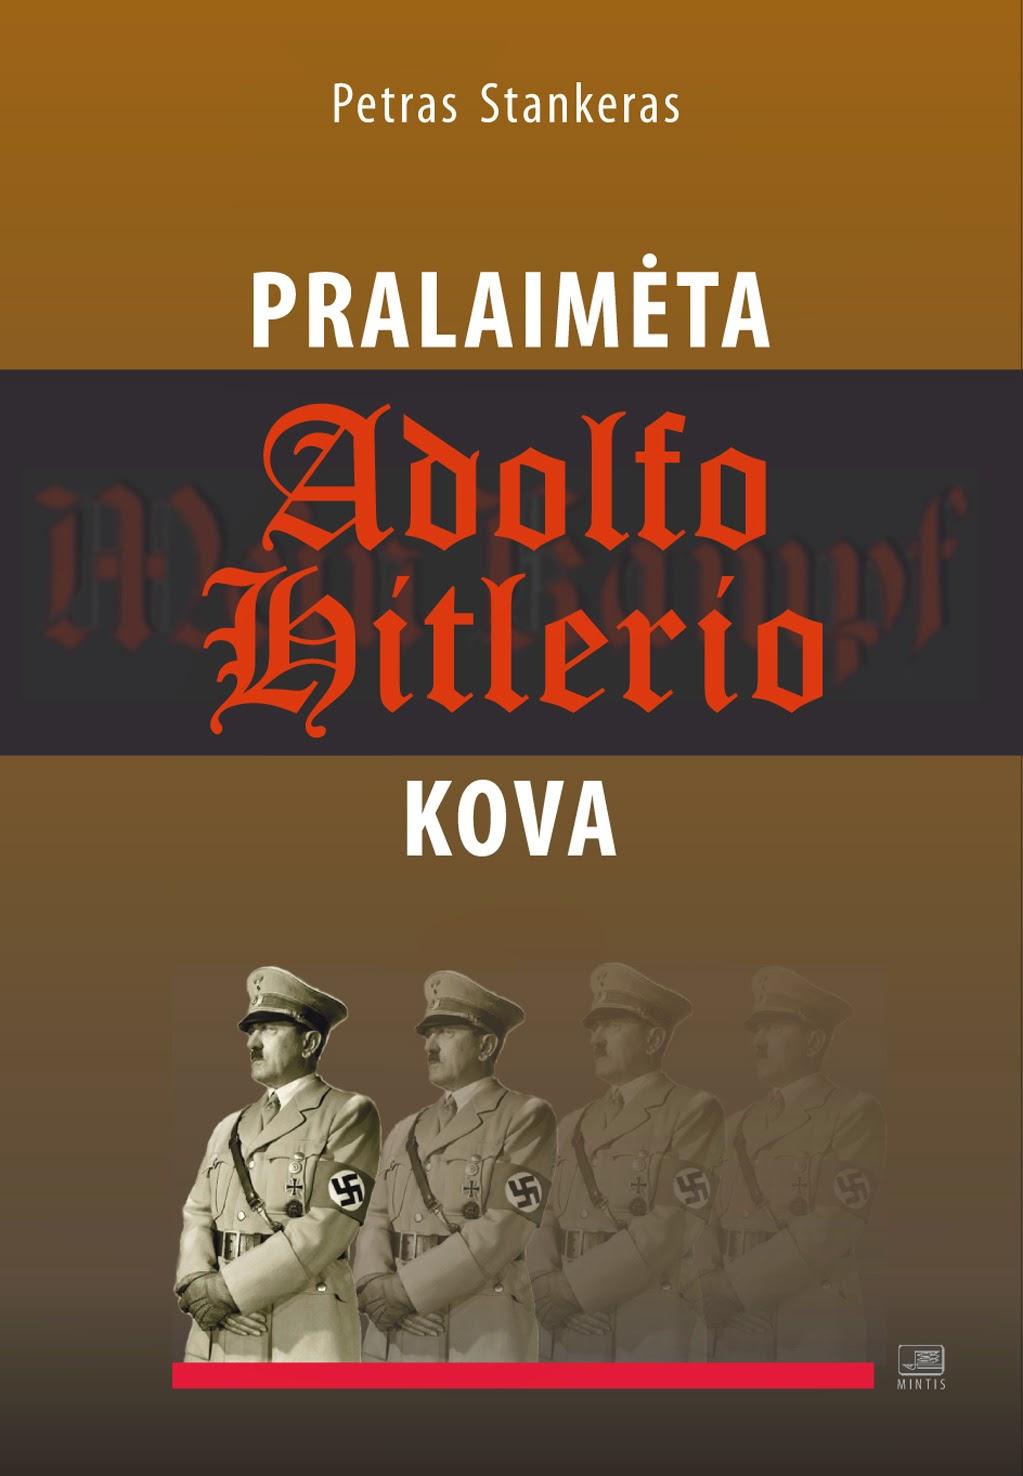 http://www.mintis.eu/istorine-literatura/1117-pralaimeta-adolfo-hitlerio-kova.html